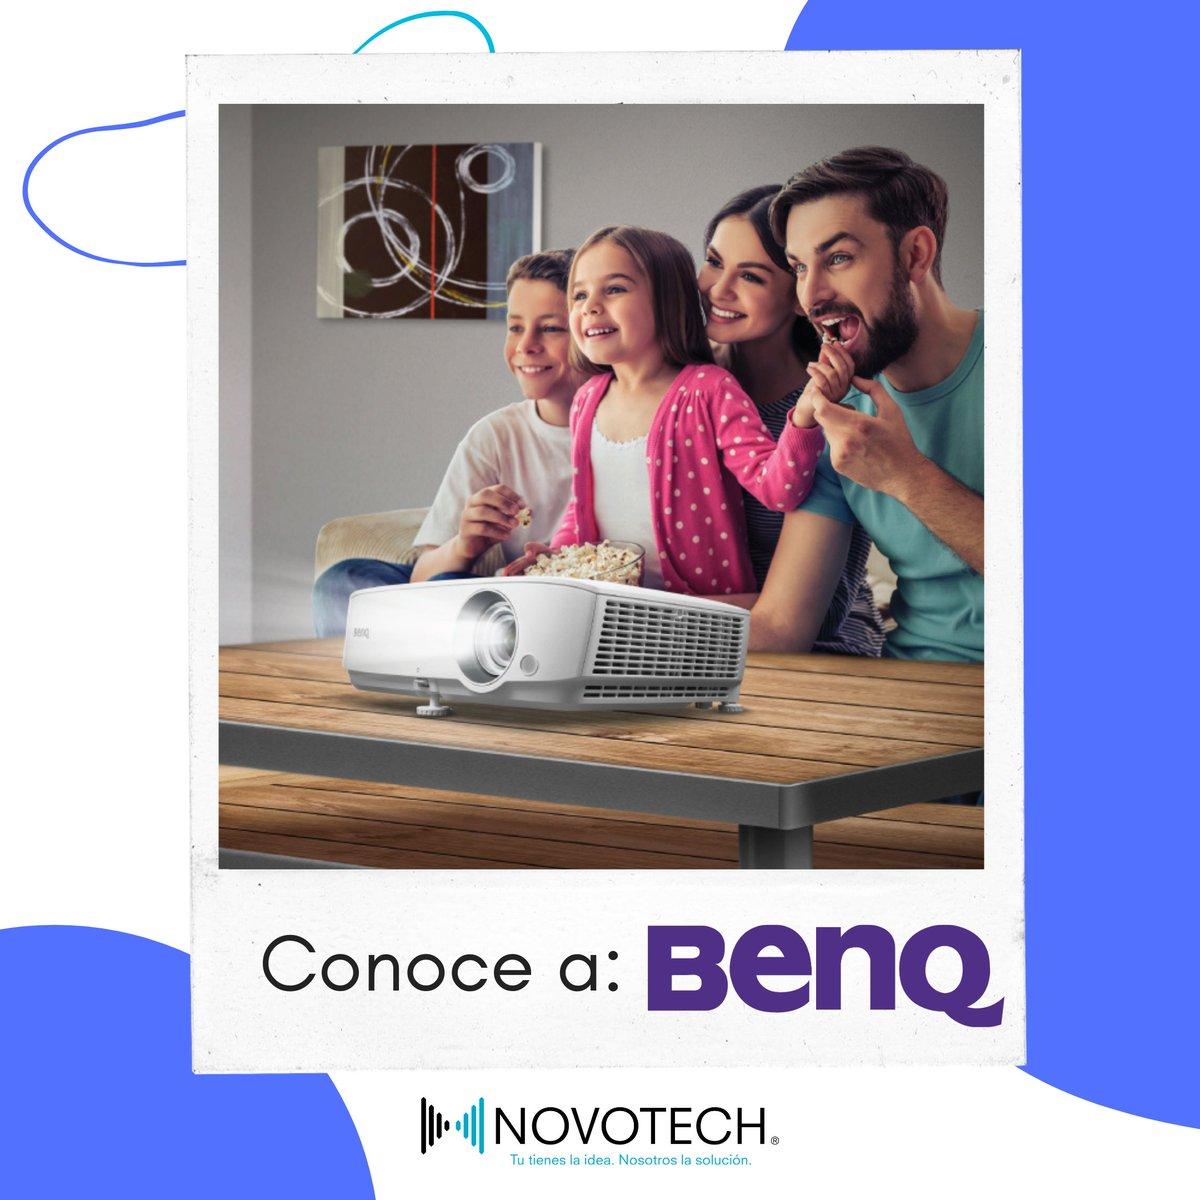 Conoce a nuestro socio @BenQ_Mexico, podrás conseguir sus proyectores, pantallas y pizarras interactivas en @NovotechMX   #marcadelasemana https://t.co/XBHzWjgtMb